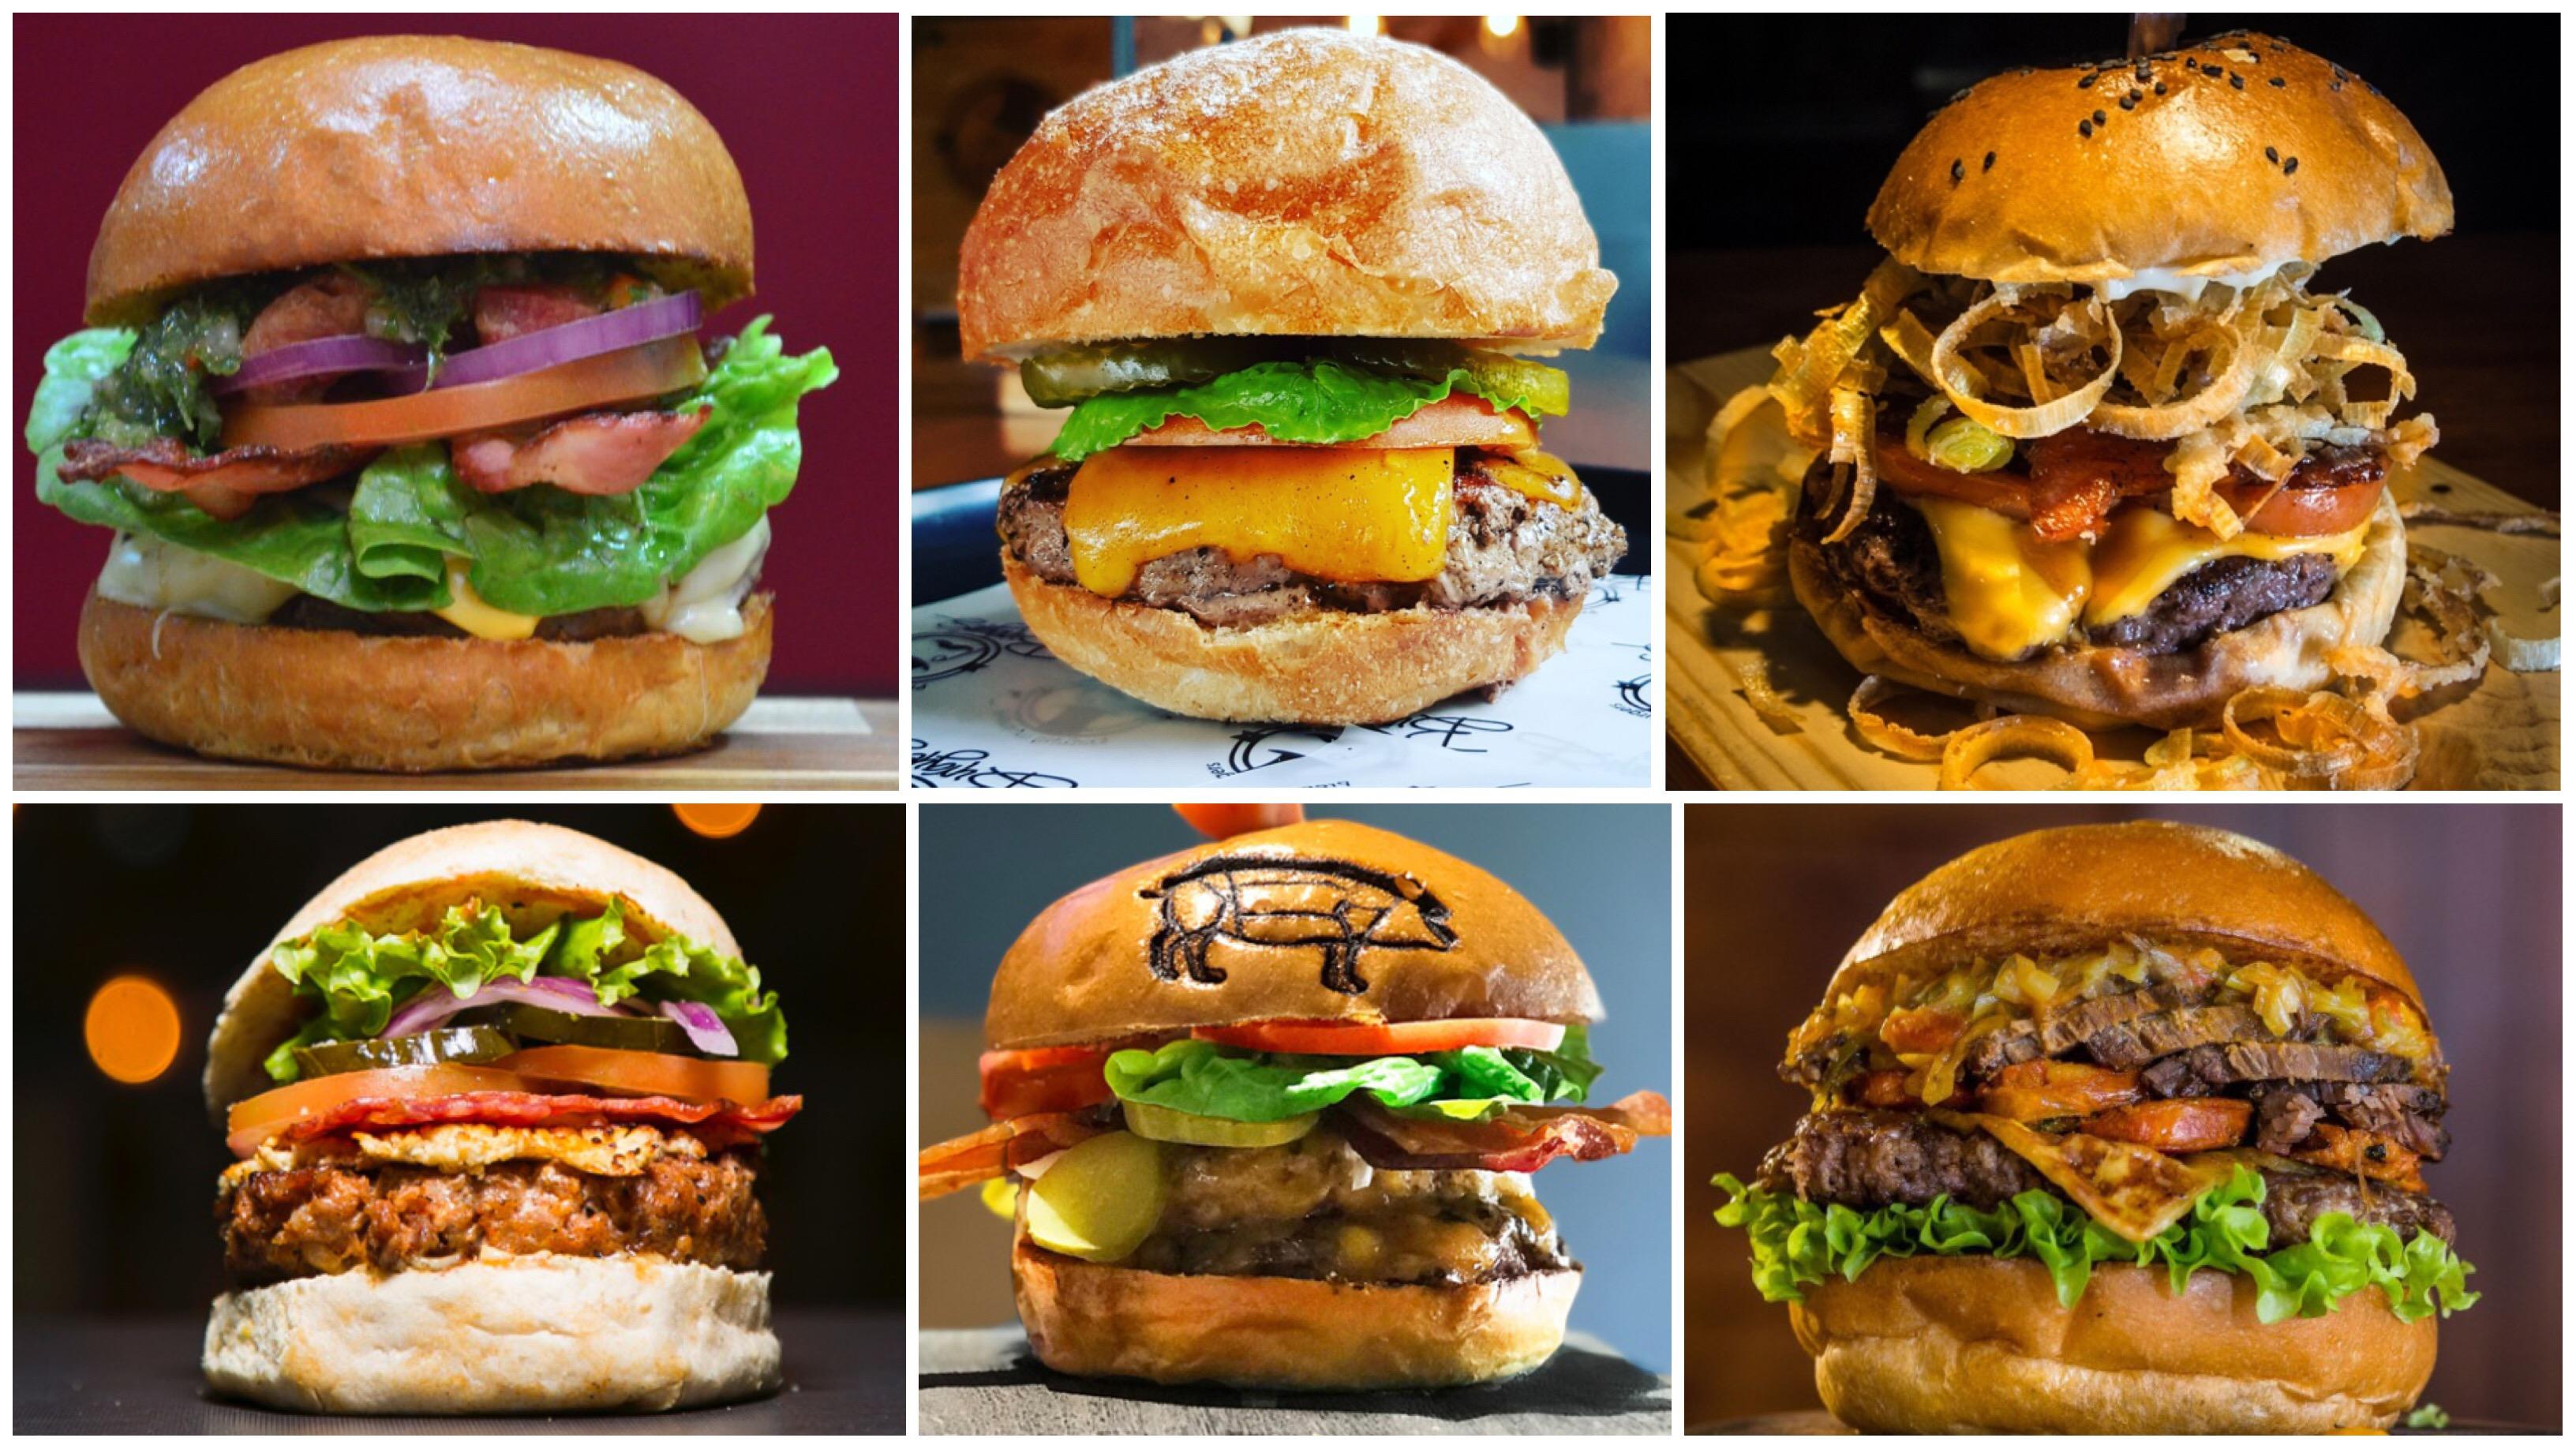 Aquí están las todas hamburguesas del BURGER Master Nacional -por ciudades-